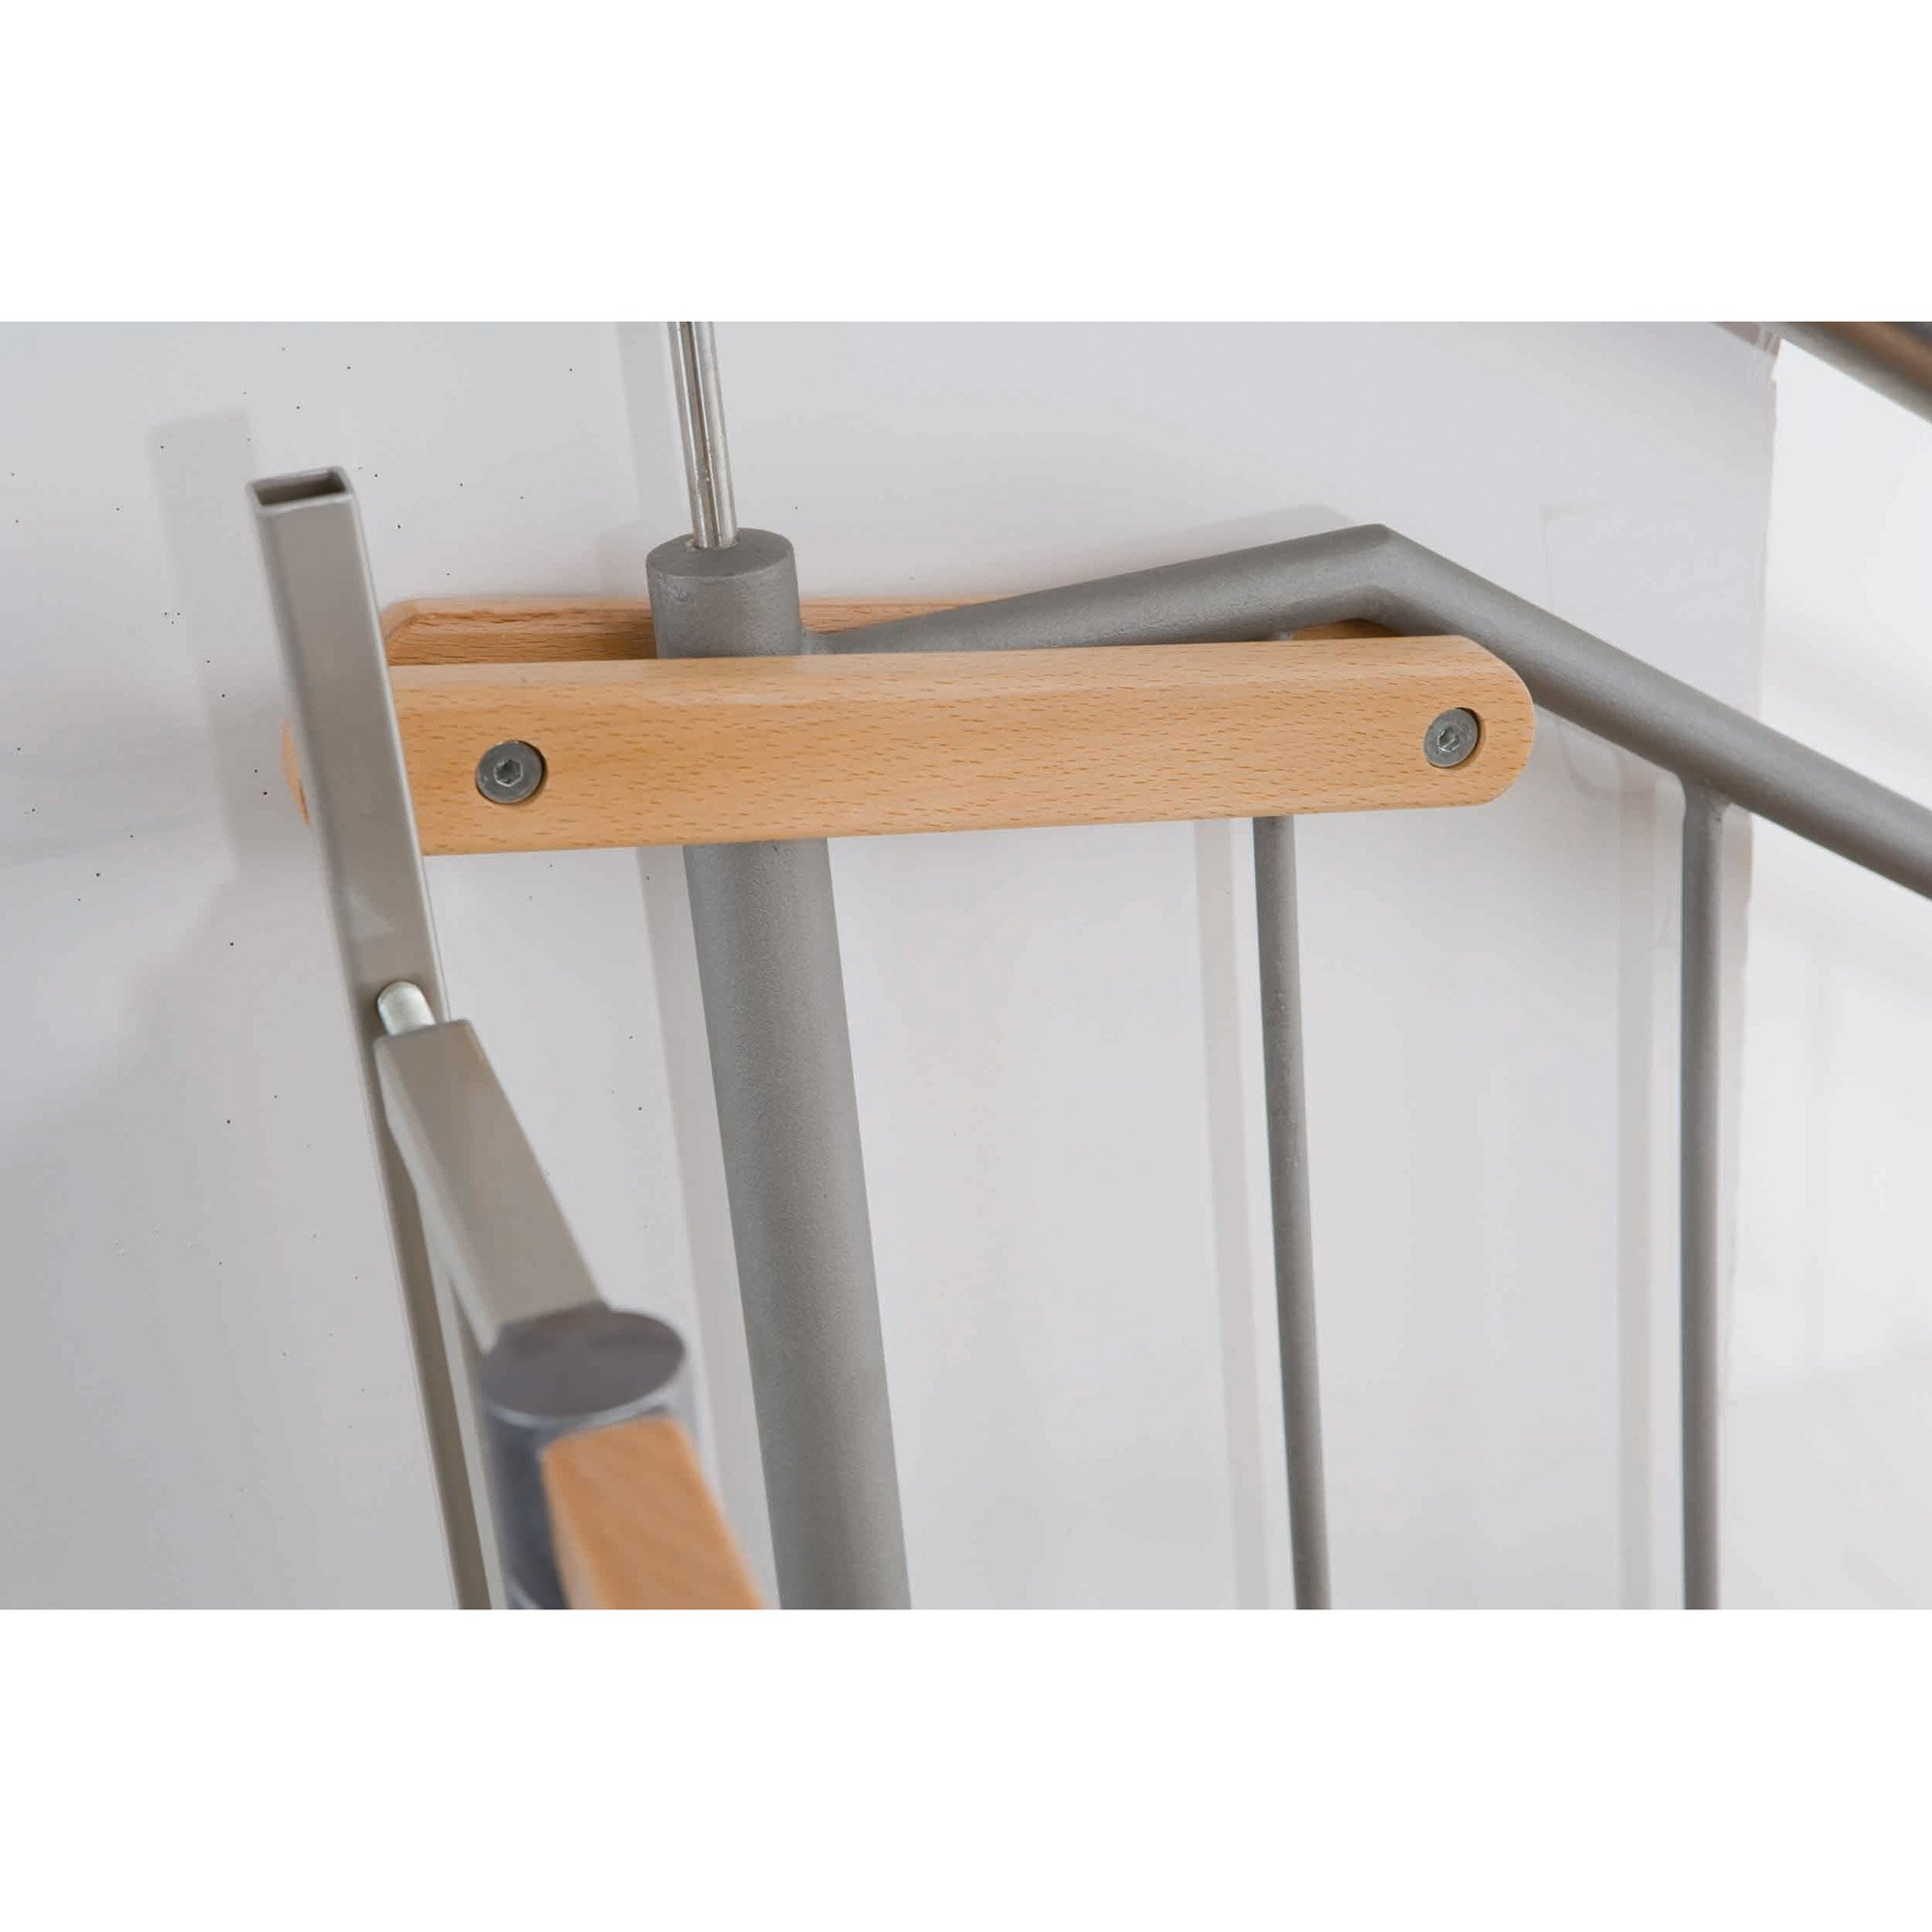 Kit d'escalier Easylock Bois/Métal  de Geuther